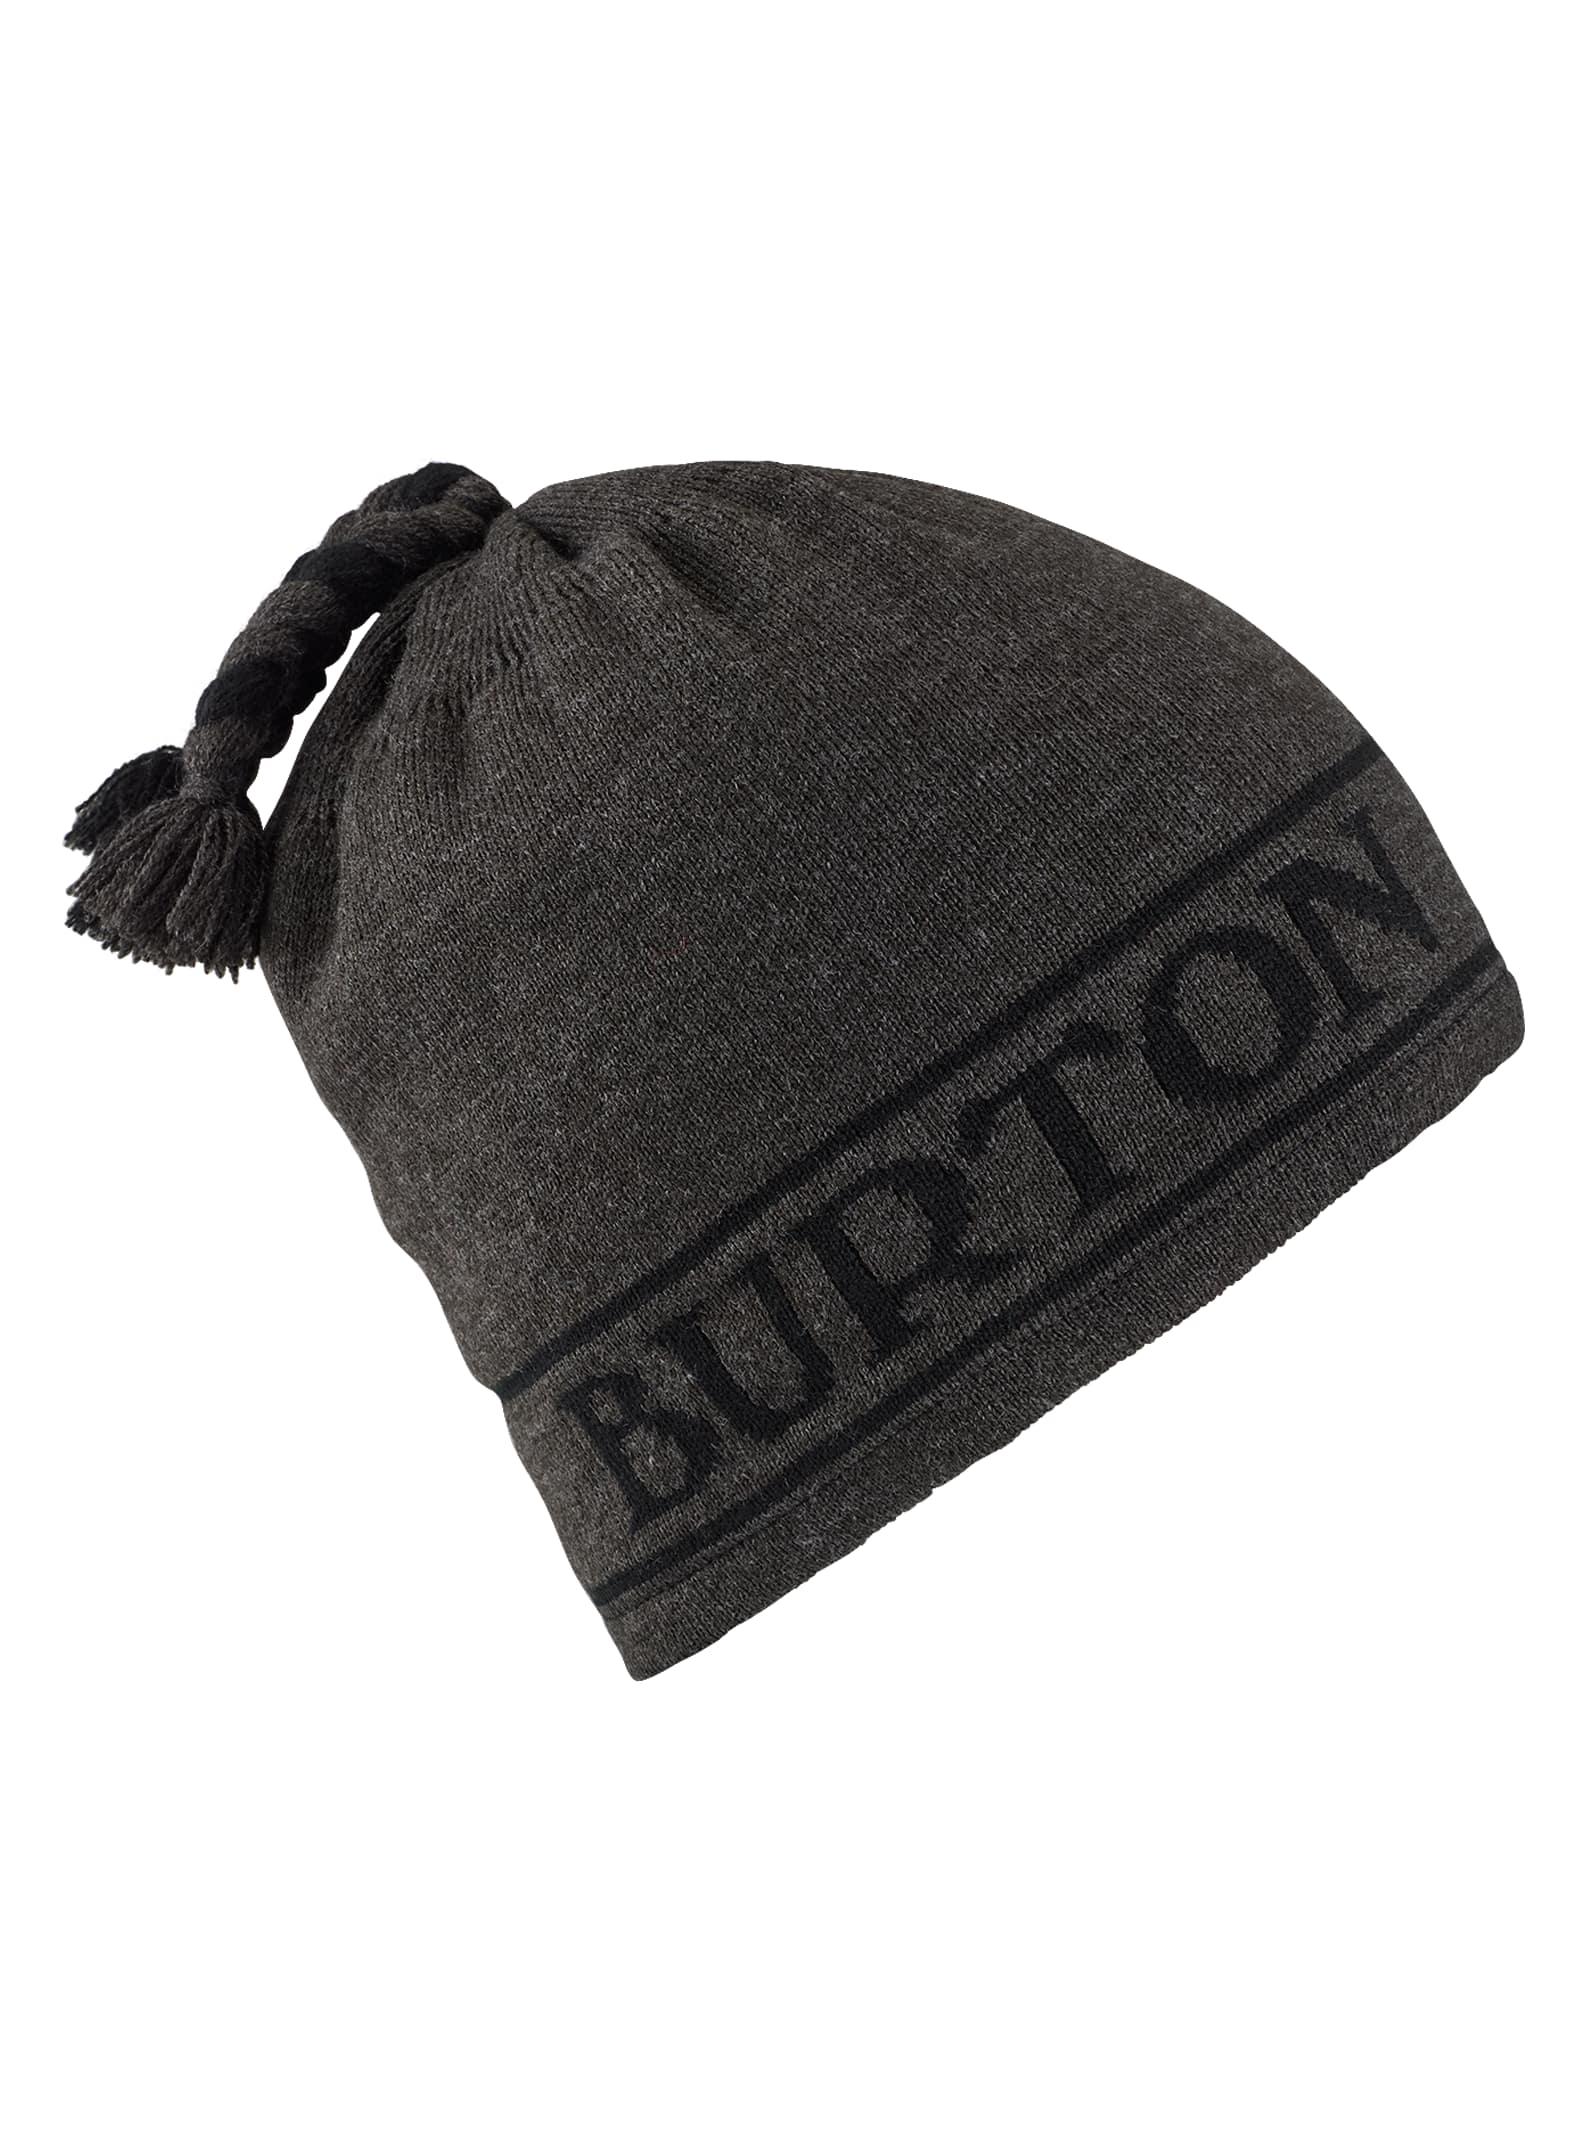 306d54b0705 Men s Hats   Beanies